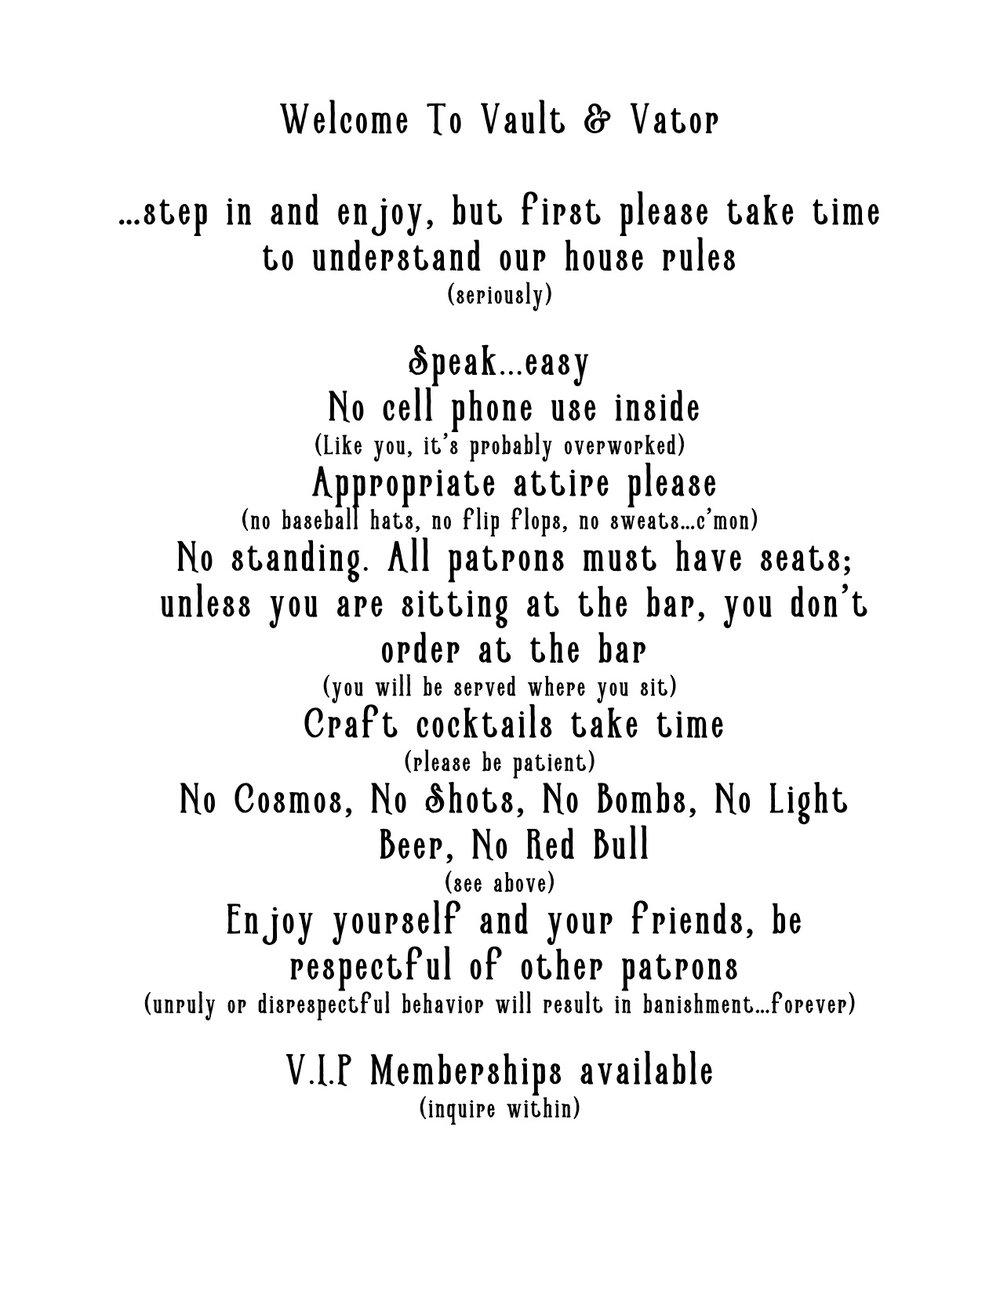 V&V_house rules.jpg